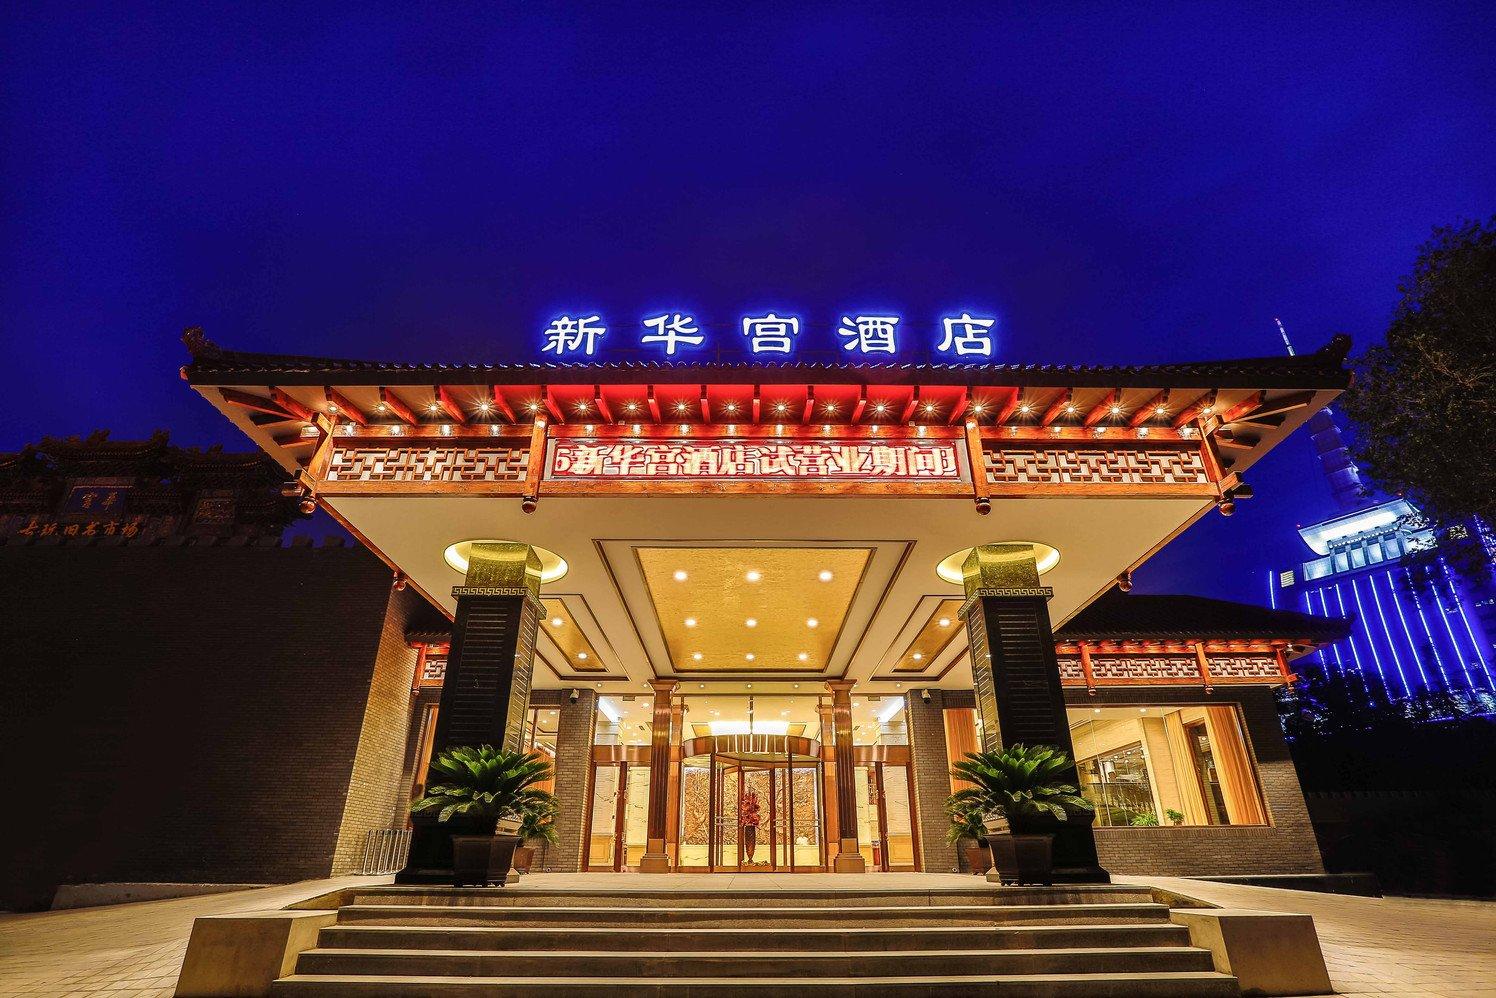 大连新华宫酒店 圣亚海洋世界4馆双人套票 双早